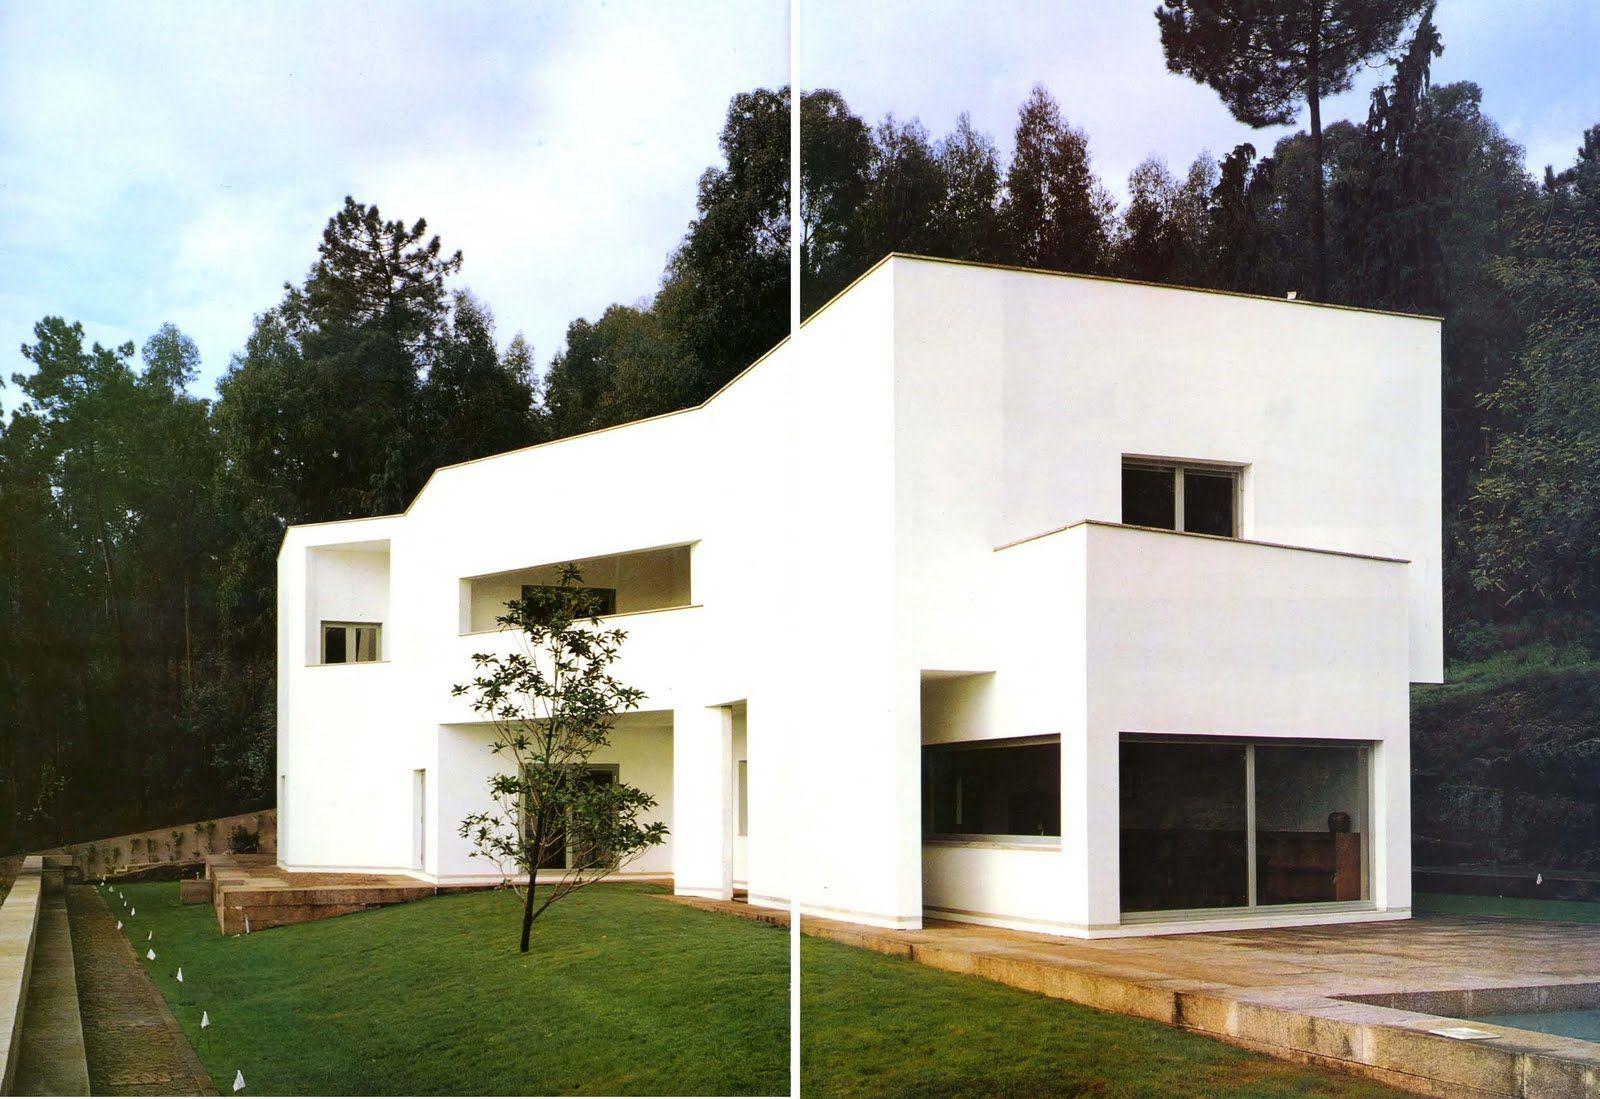 CASAS ALVARO SIZA Google Search vDK PORTUGUESE HOUSE